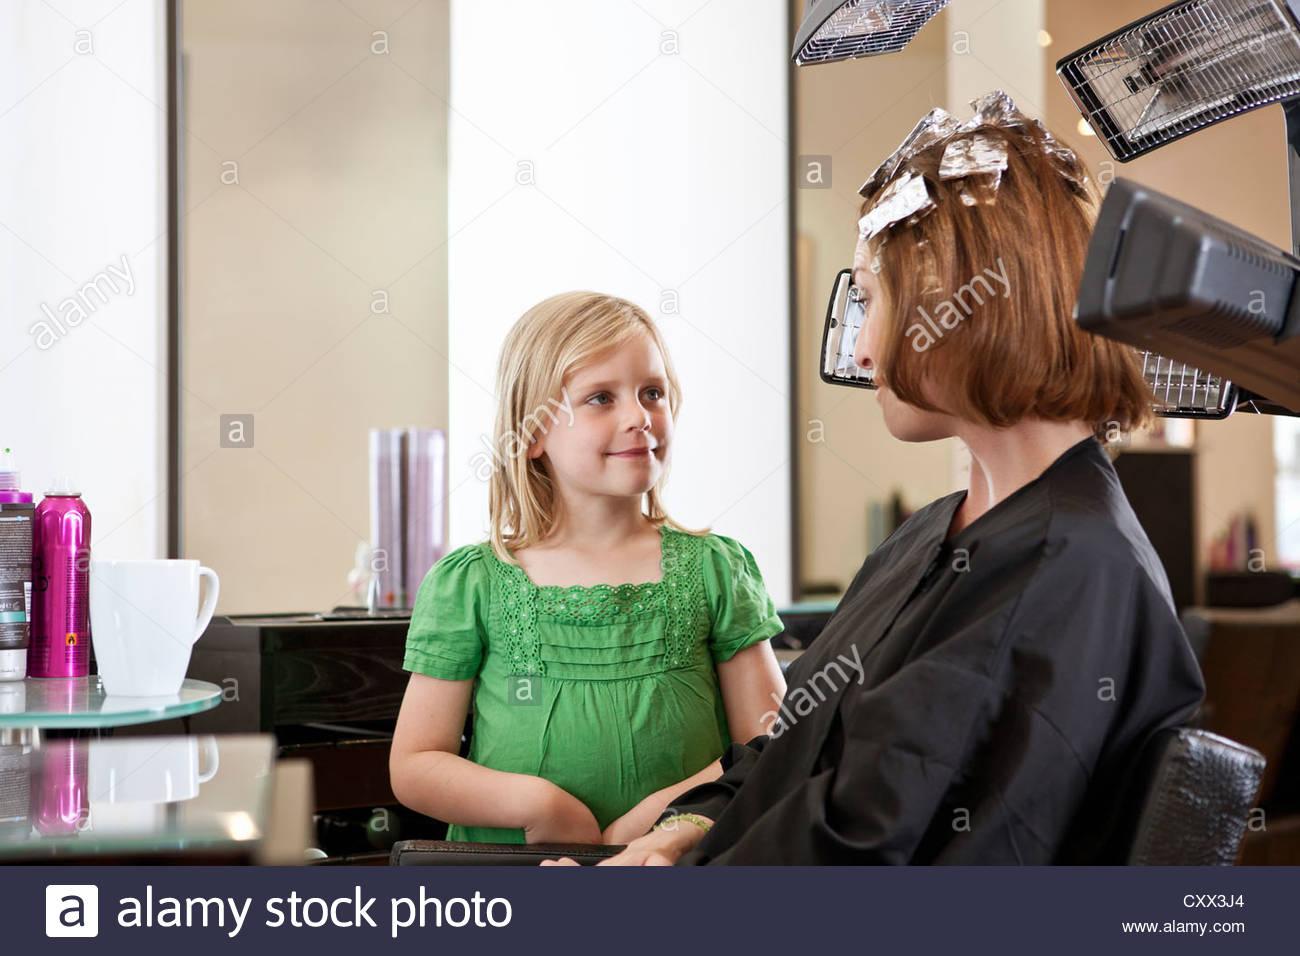 Ein junges Mädchen in einem Friseursalon warten, während ihre Mutter ihr Haar gefärbt hat Stockbild